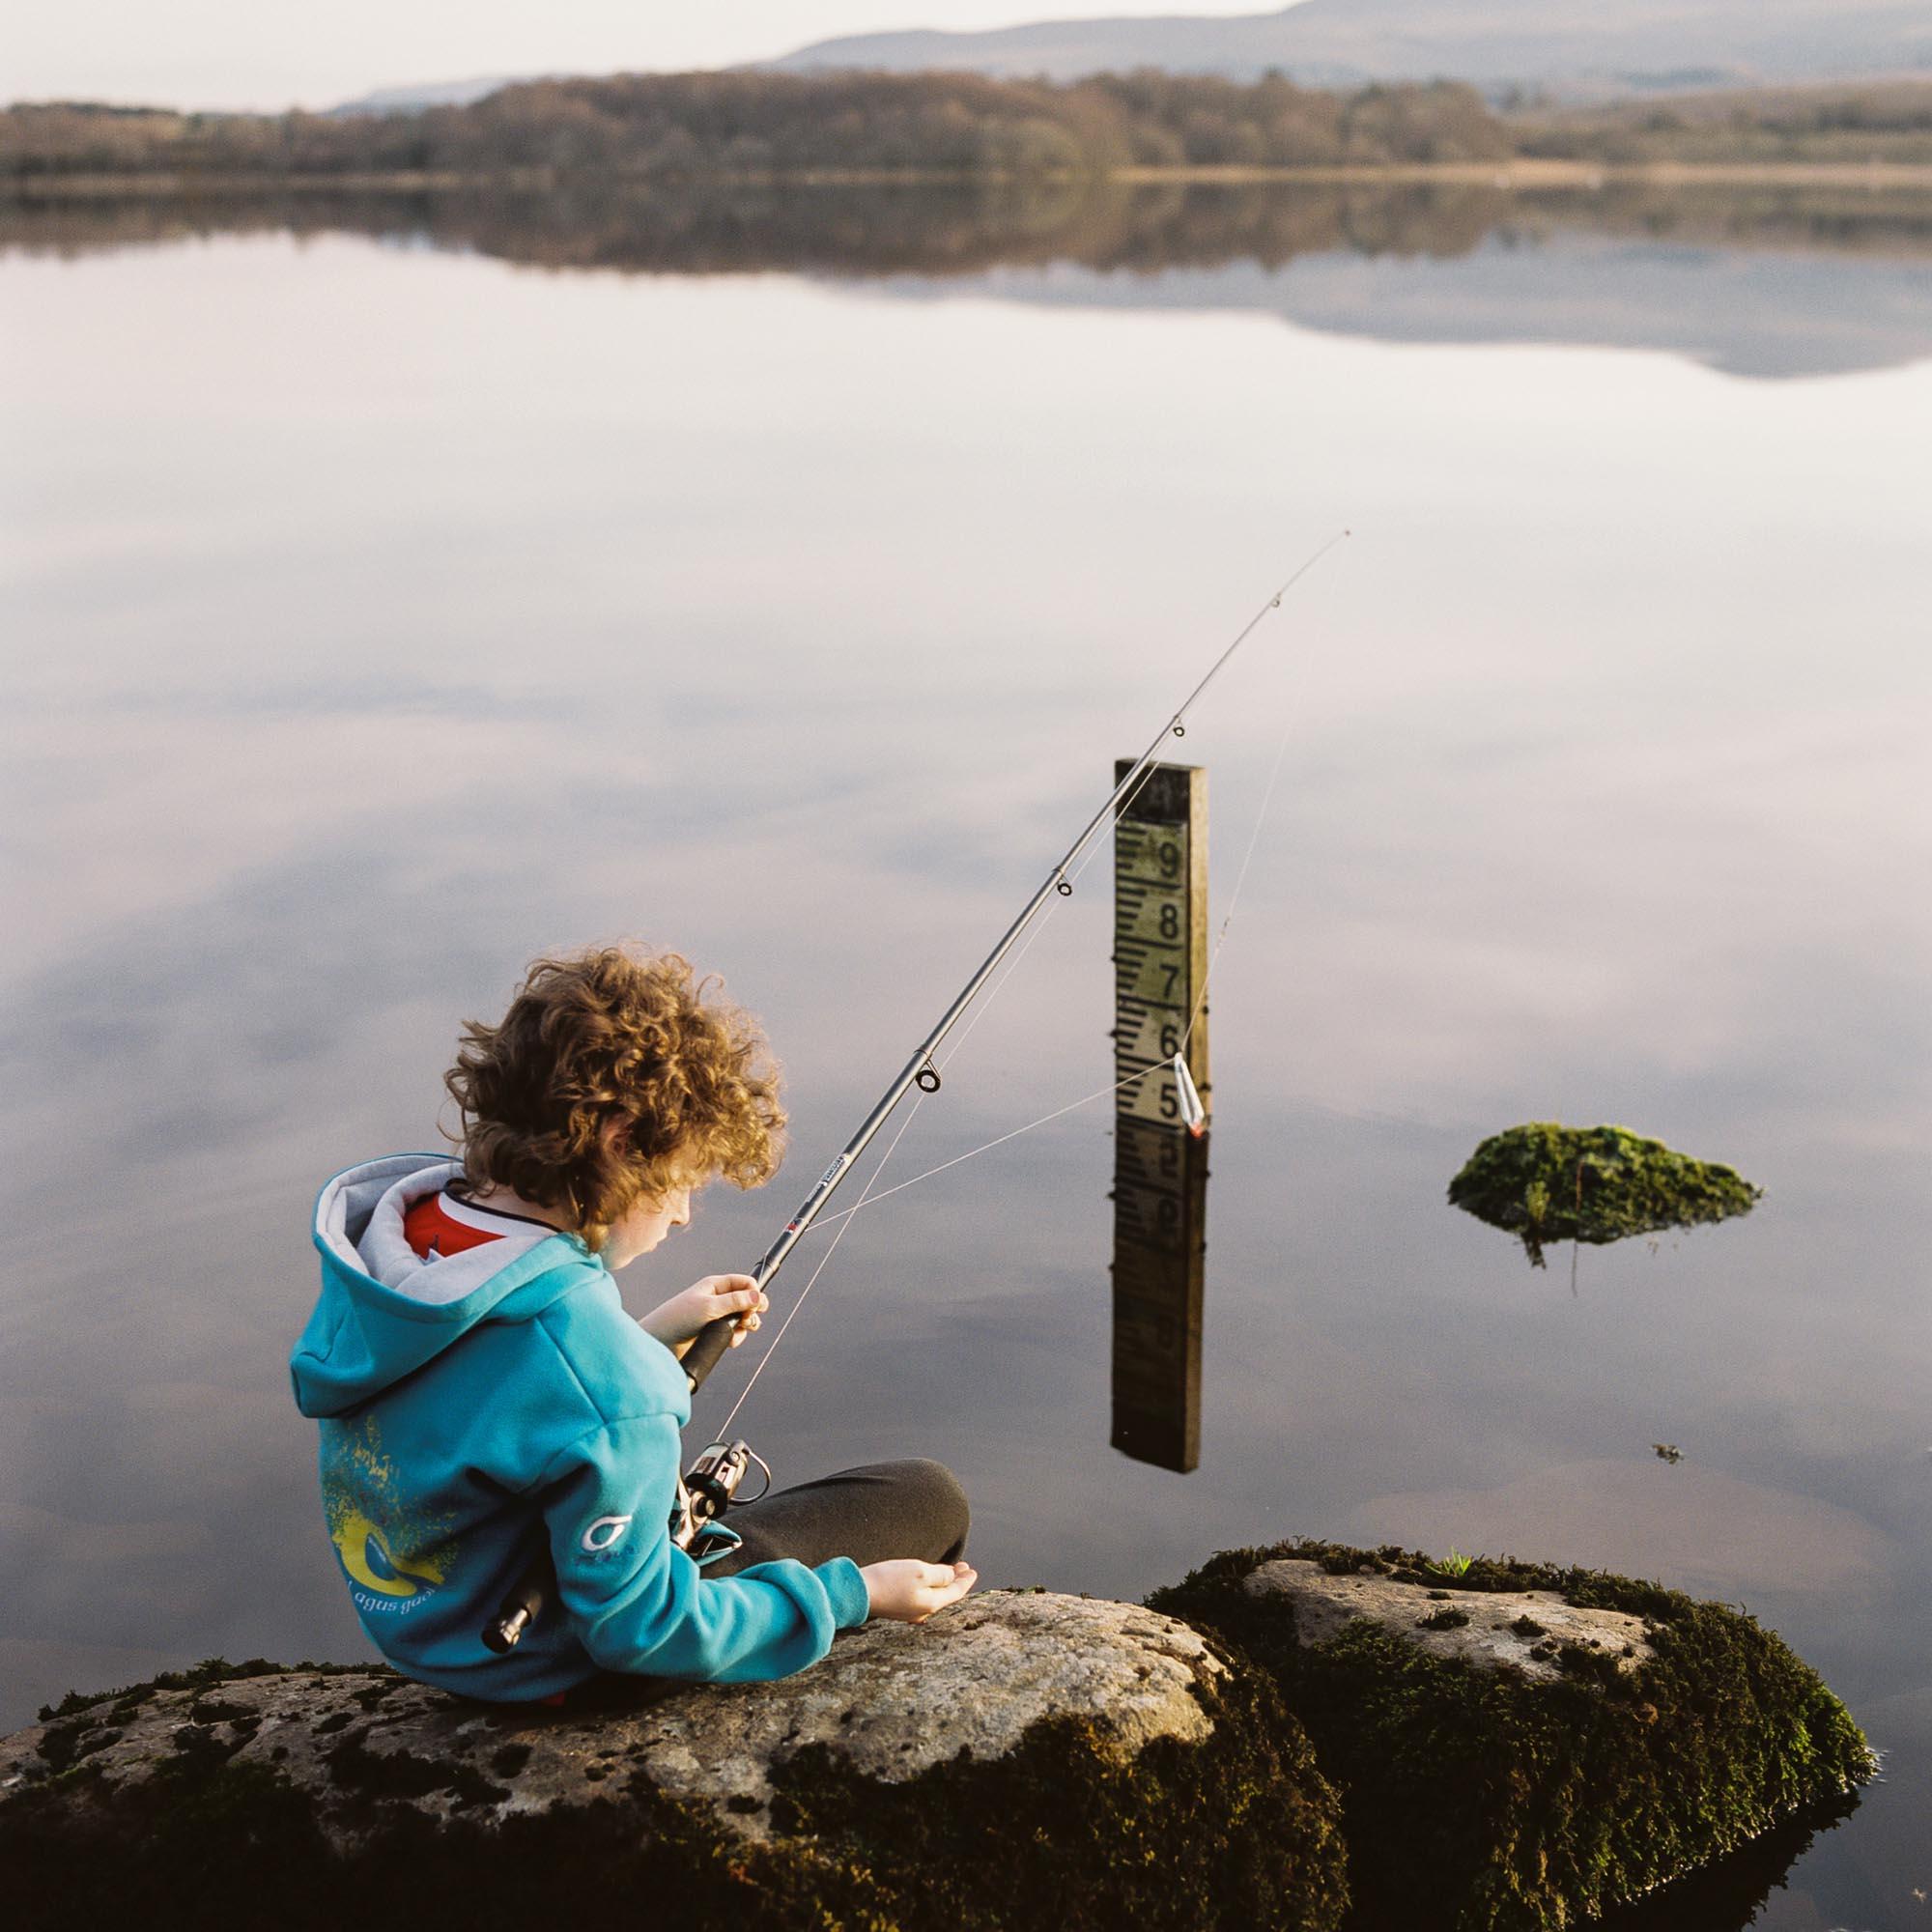 Liam Leonard fishes in Lattone Lough